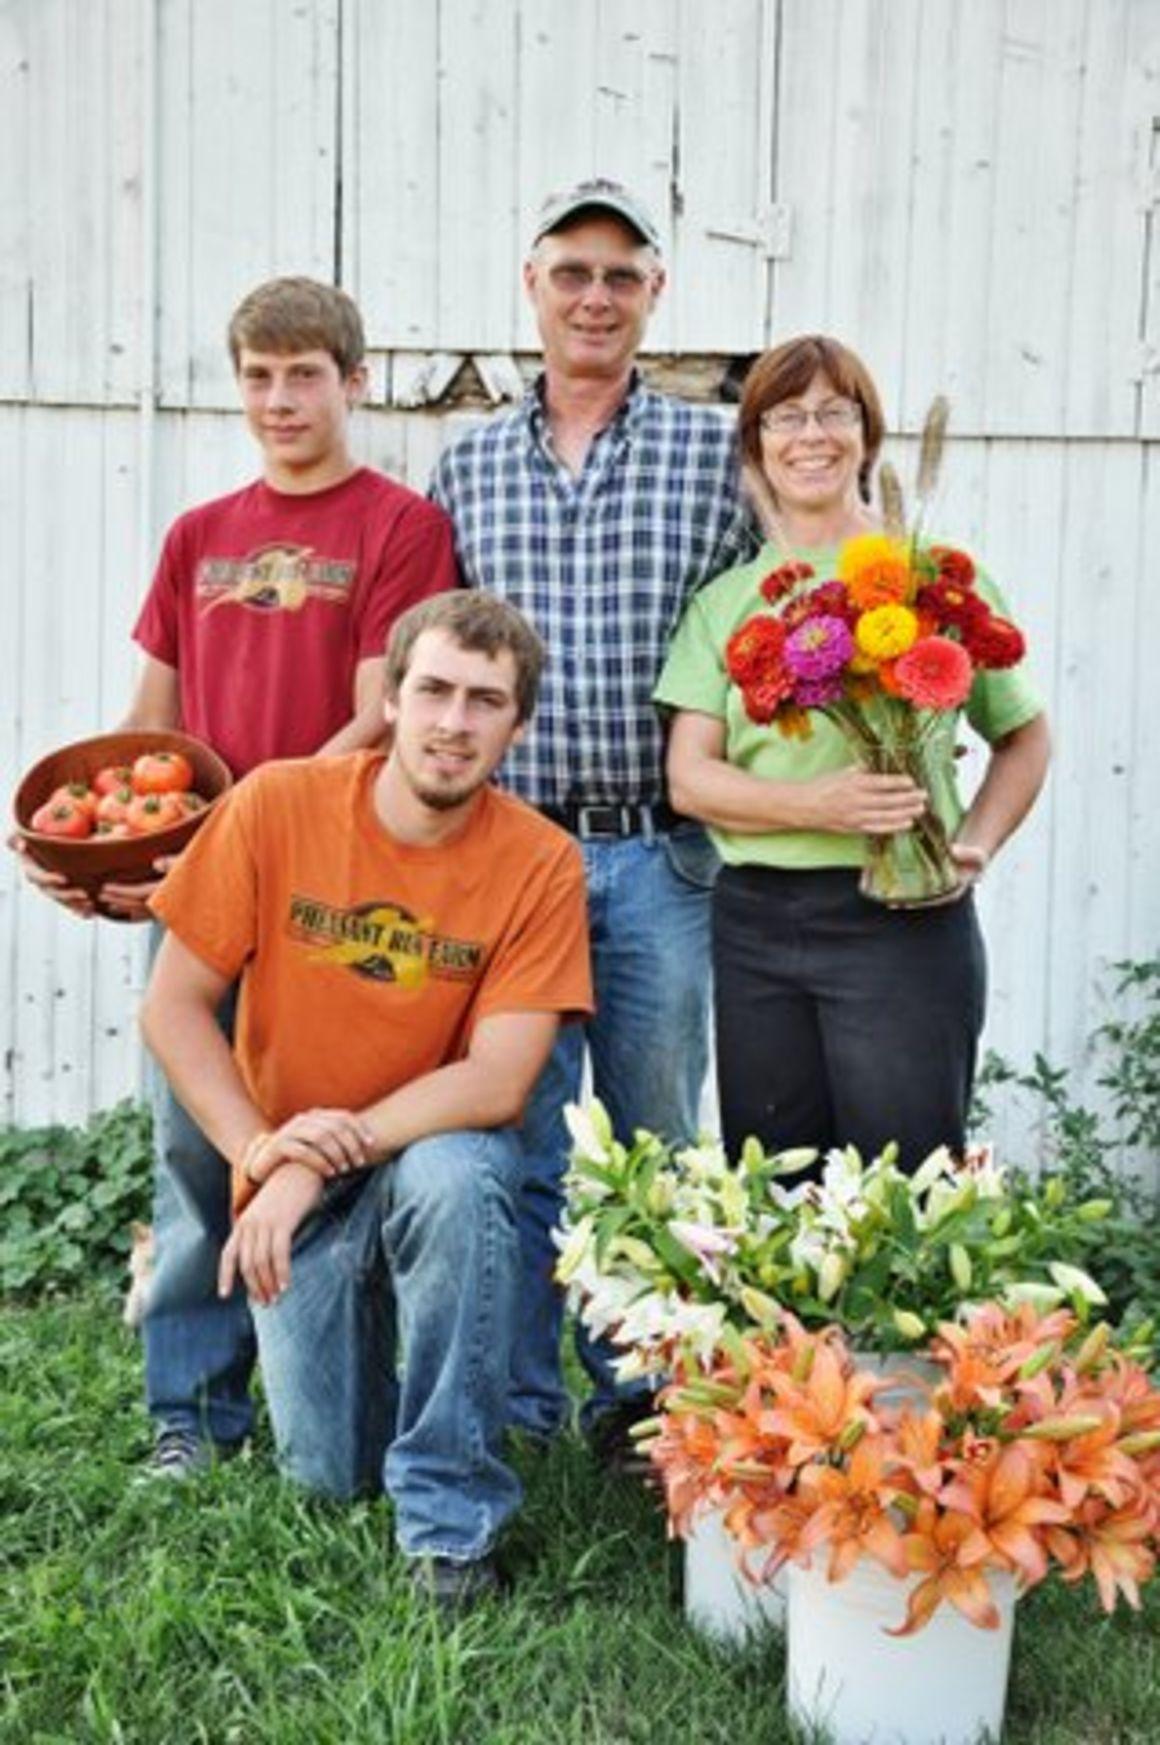 Pheasant Run Farm: Flowers and produce abound at Iowa farm